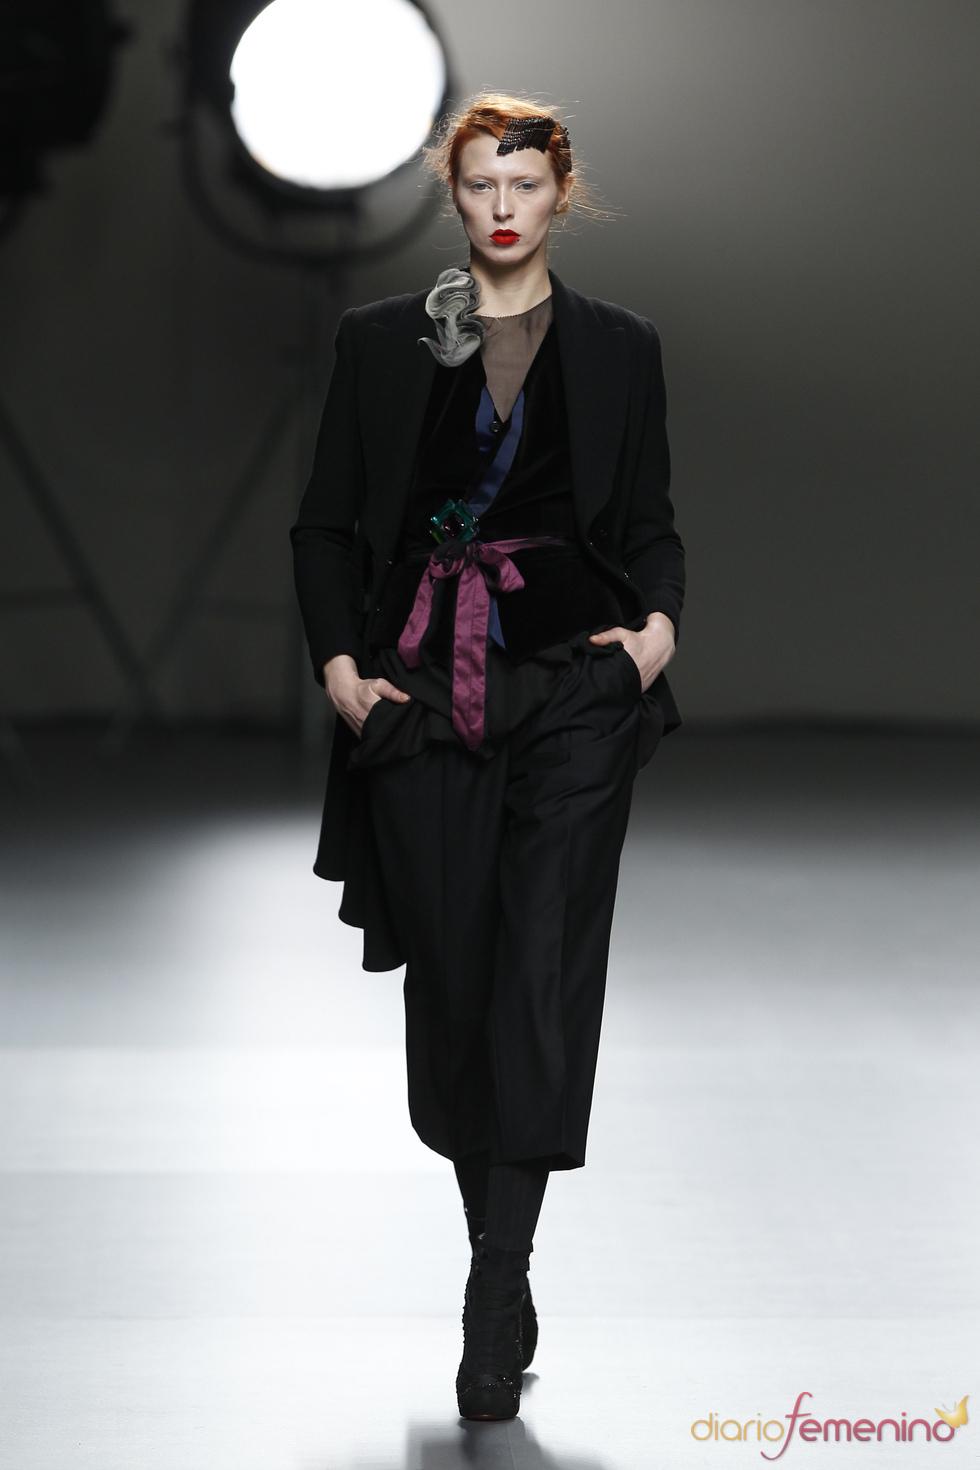 La nueva colección de Victorio & Luchino en Cibeles 2011